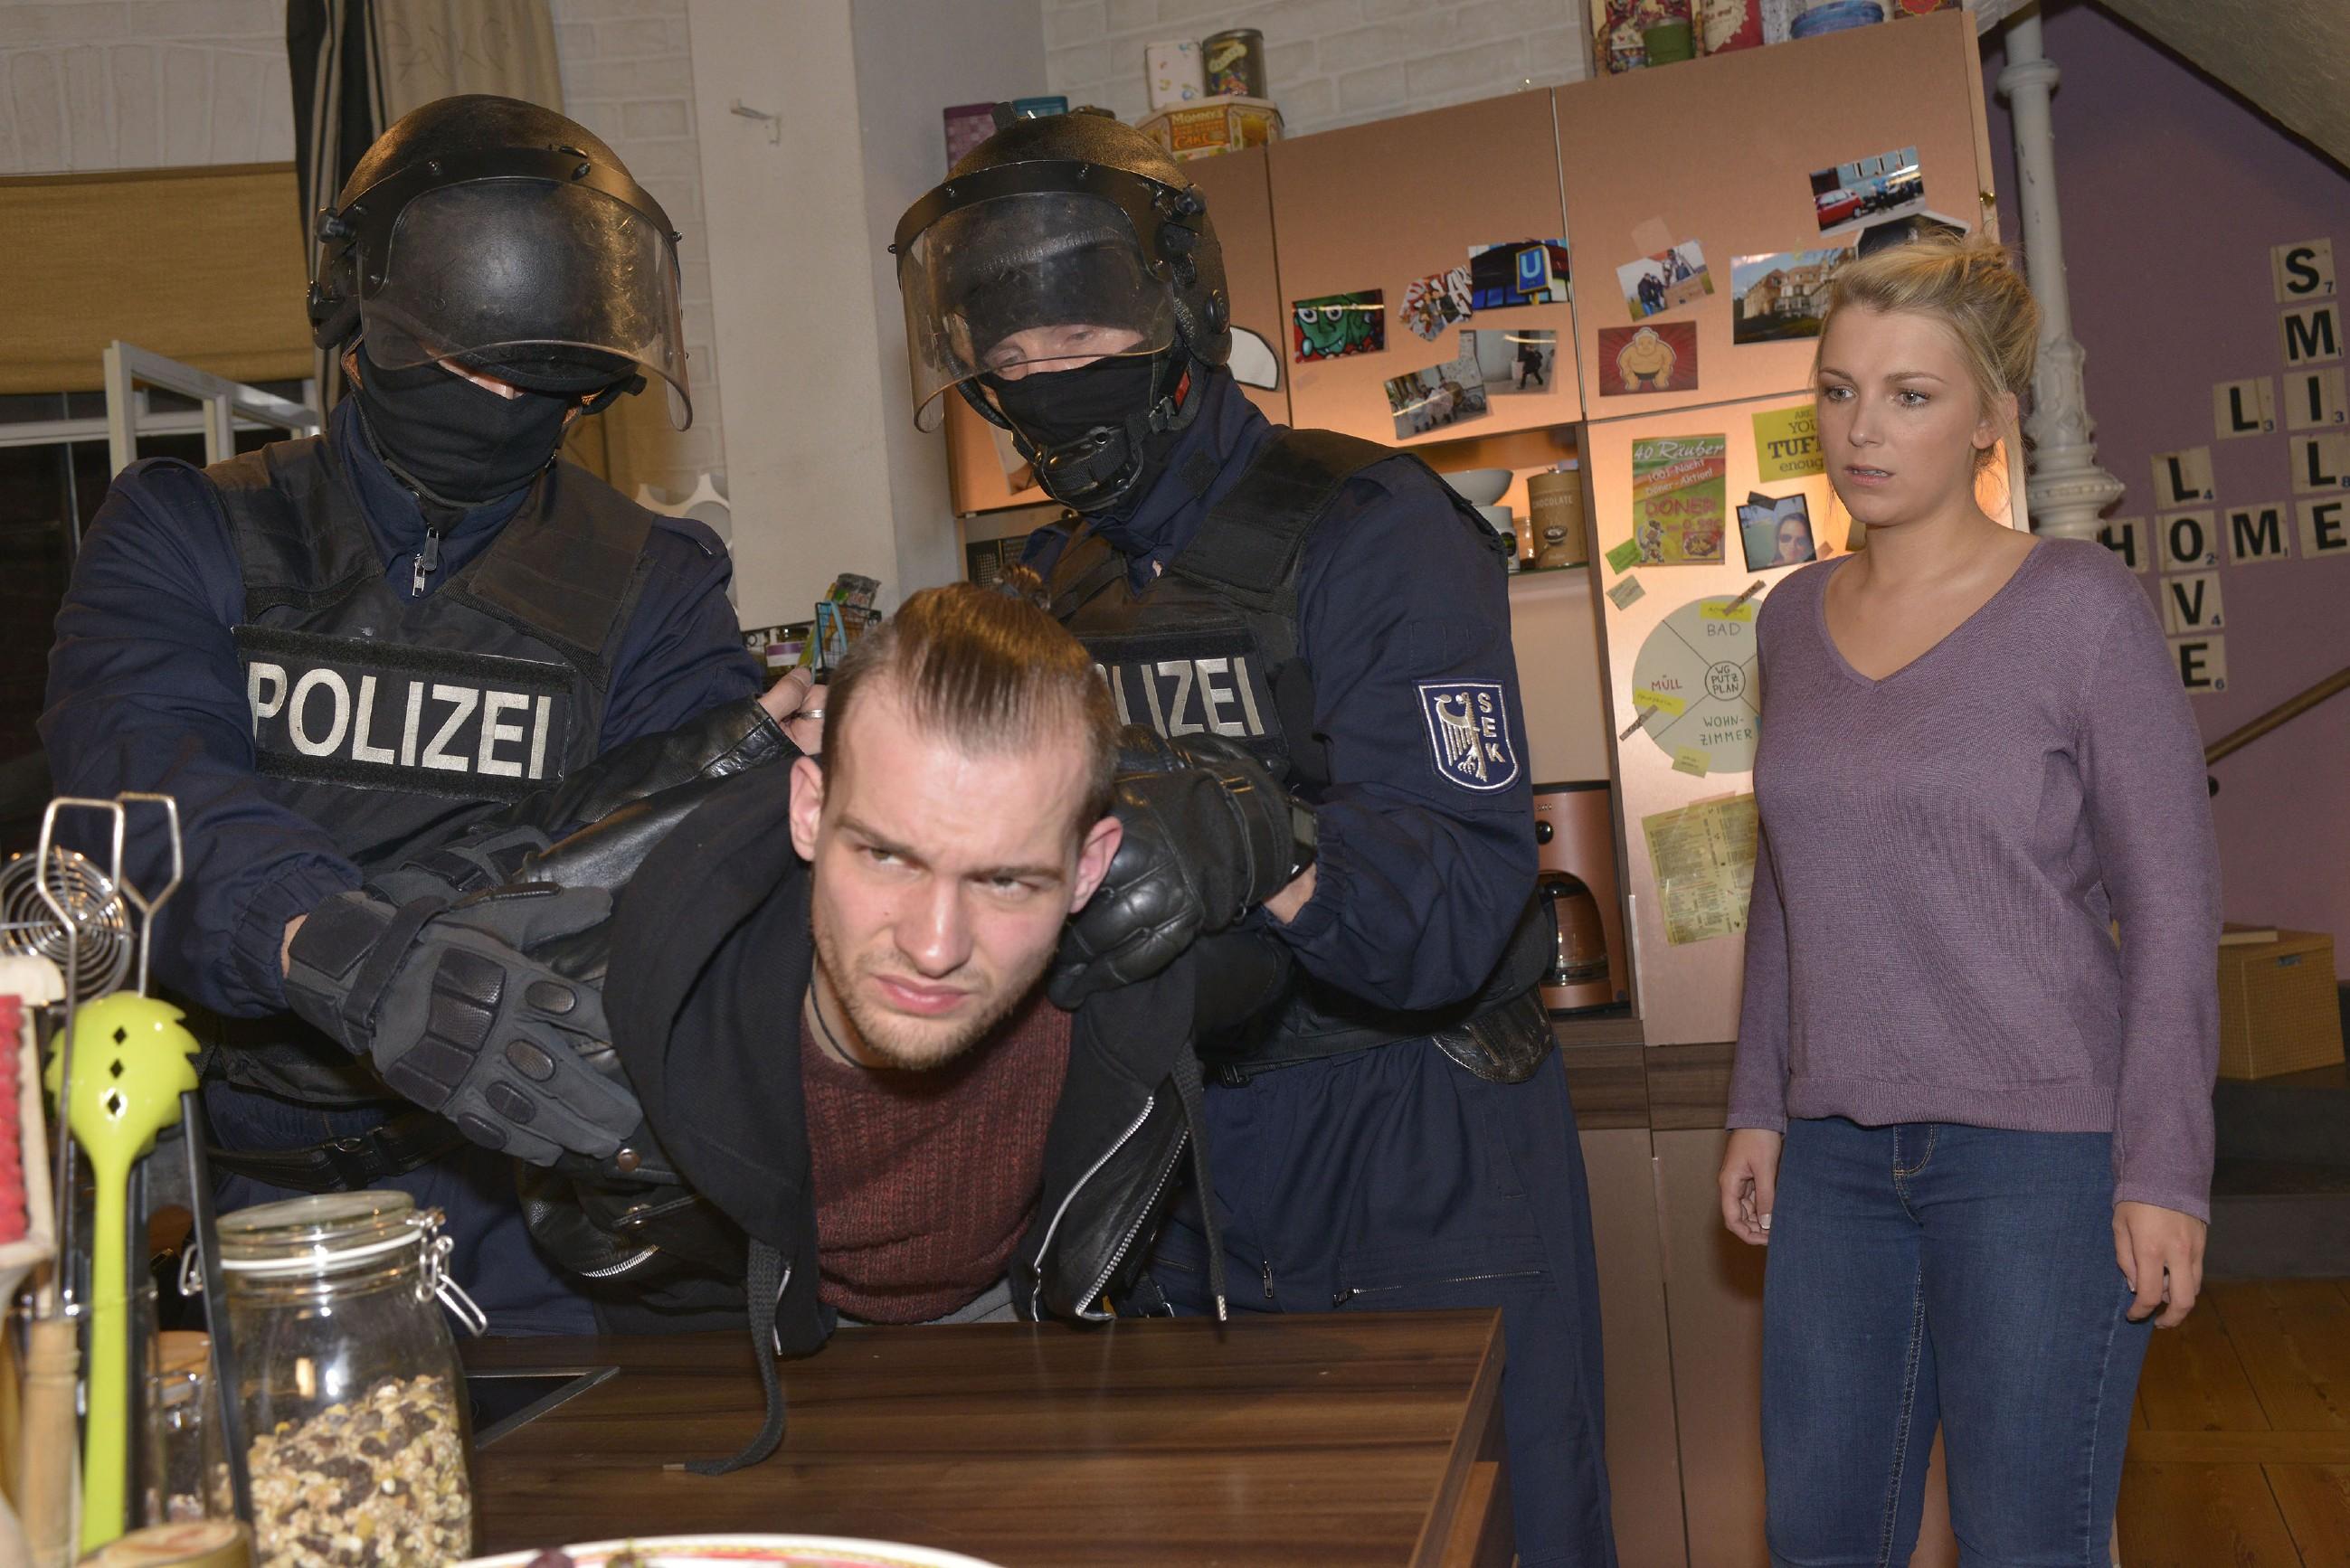 Chris (Eric Stehfest, l. vorne) wird vor den Augen der hilflosen Lilly (Iris Mareike Steen) vom SEK (Komparsen) in Gewahrsam genommen... (Quelle: RTL / Rolf Baumgartner)